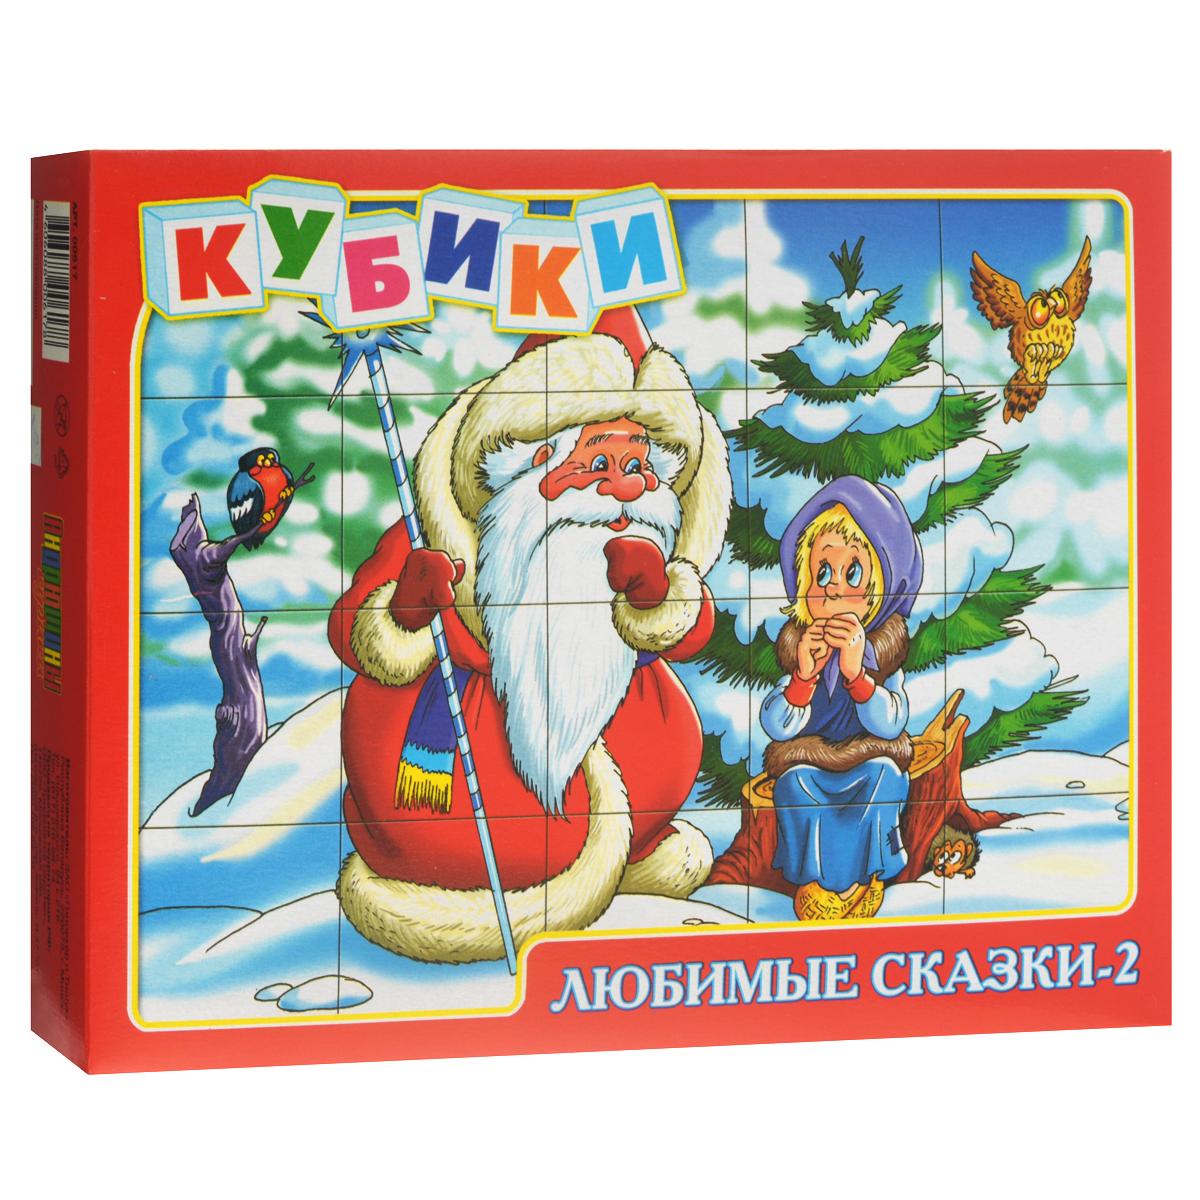 """Кубики """"Любимые сказки-2"""", 20 шт, Десятое королевство"""